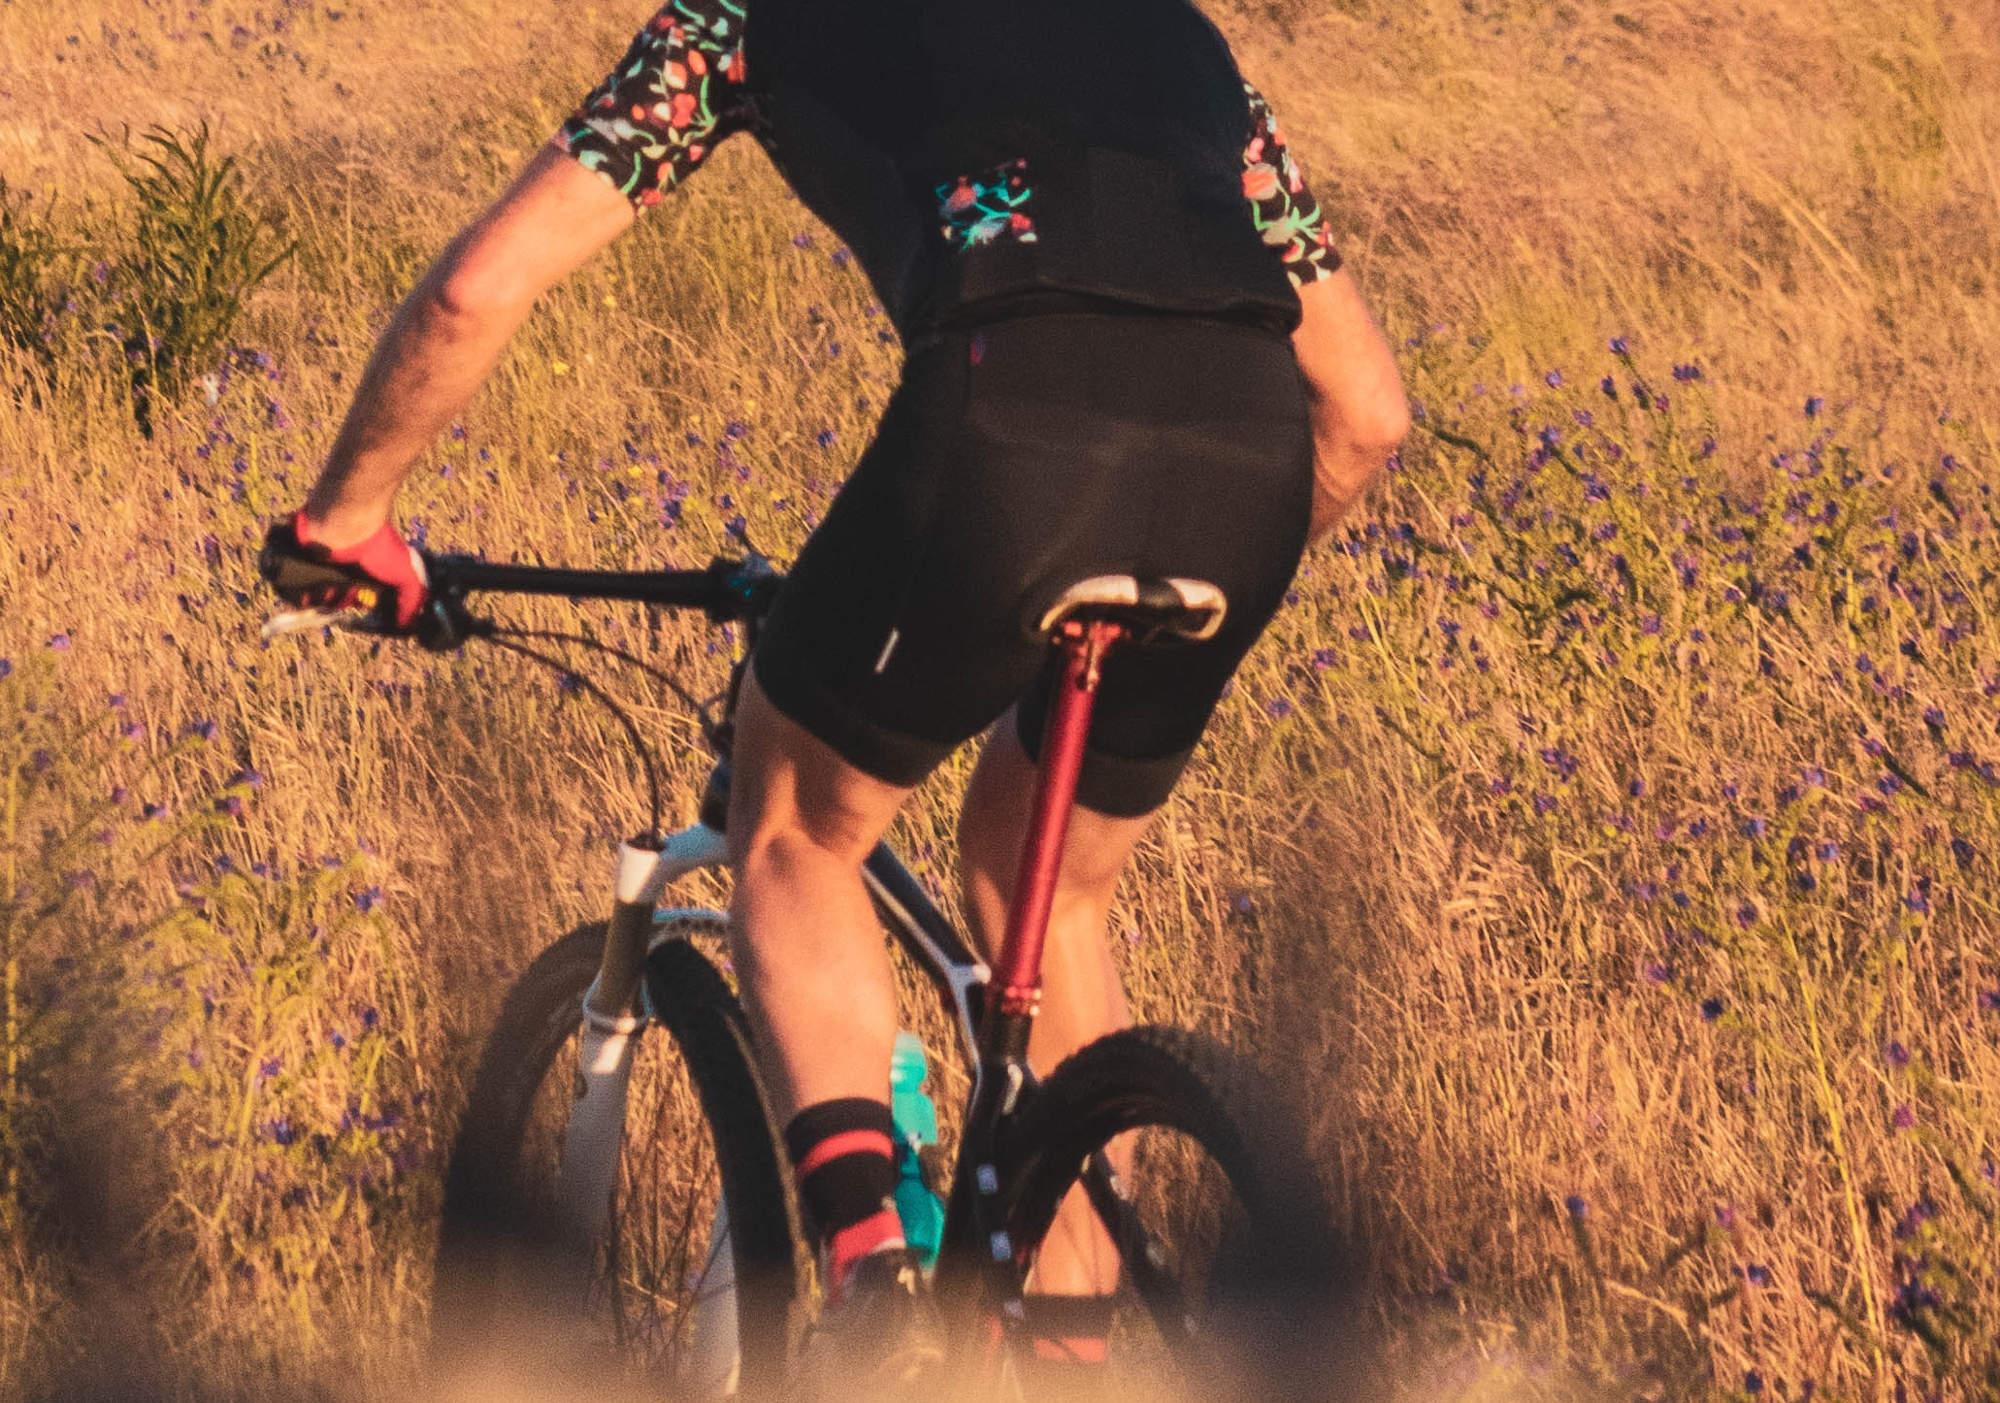 Dolore ai glutei in mountain bike: le cause e i rimedi